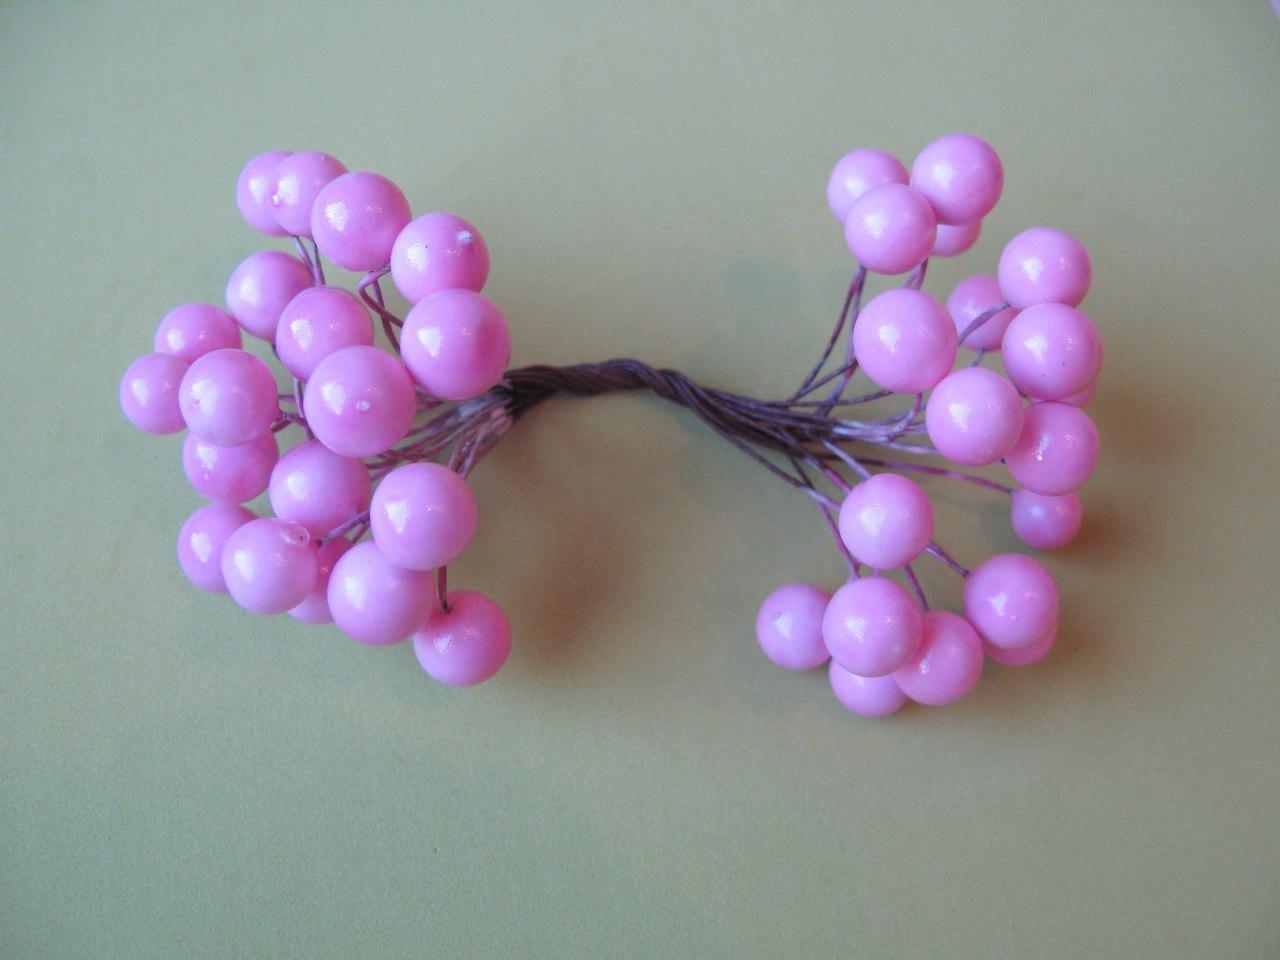 Ягоды гладкие 10 мм розовые